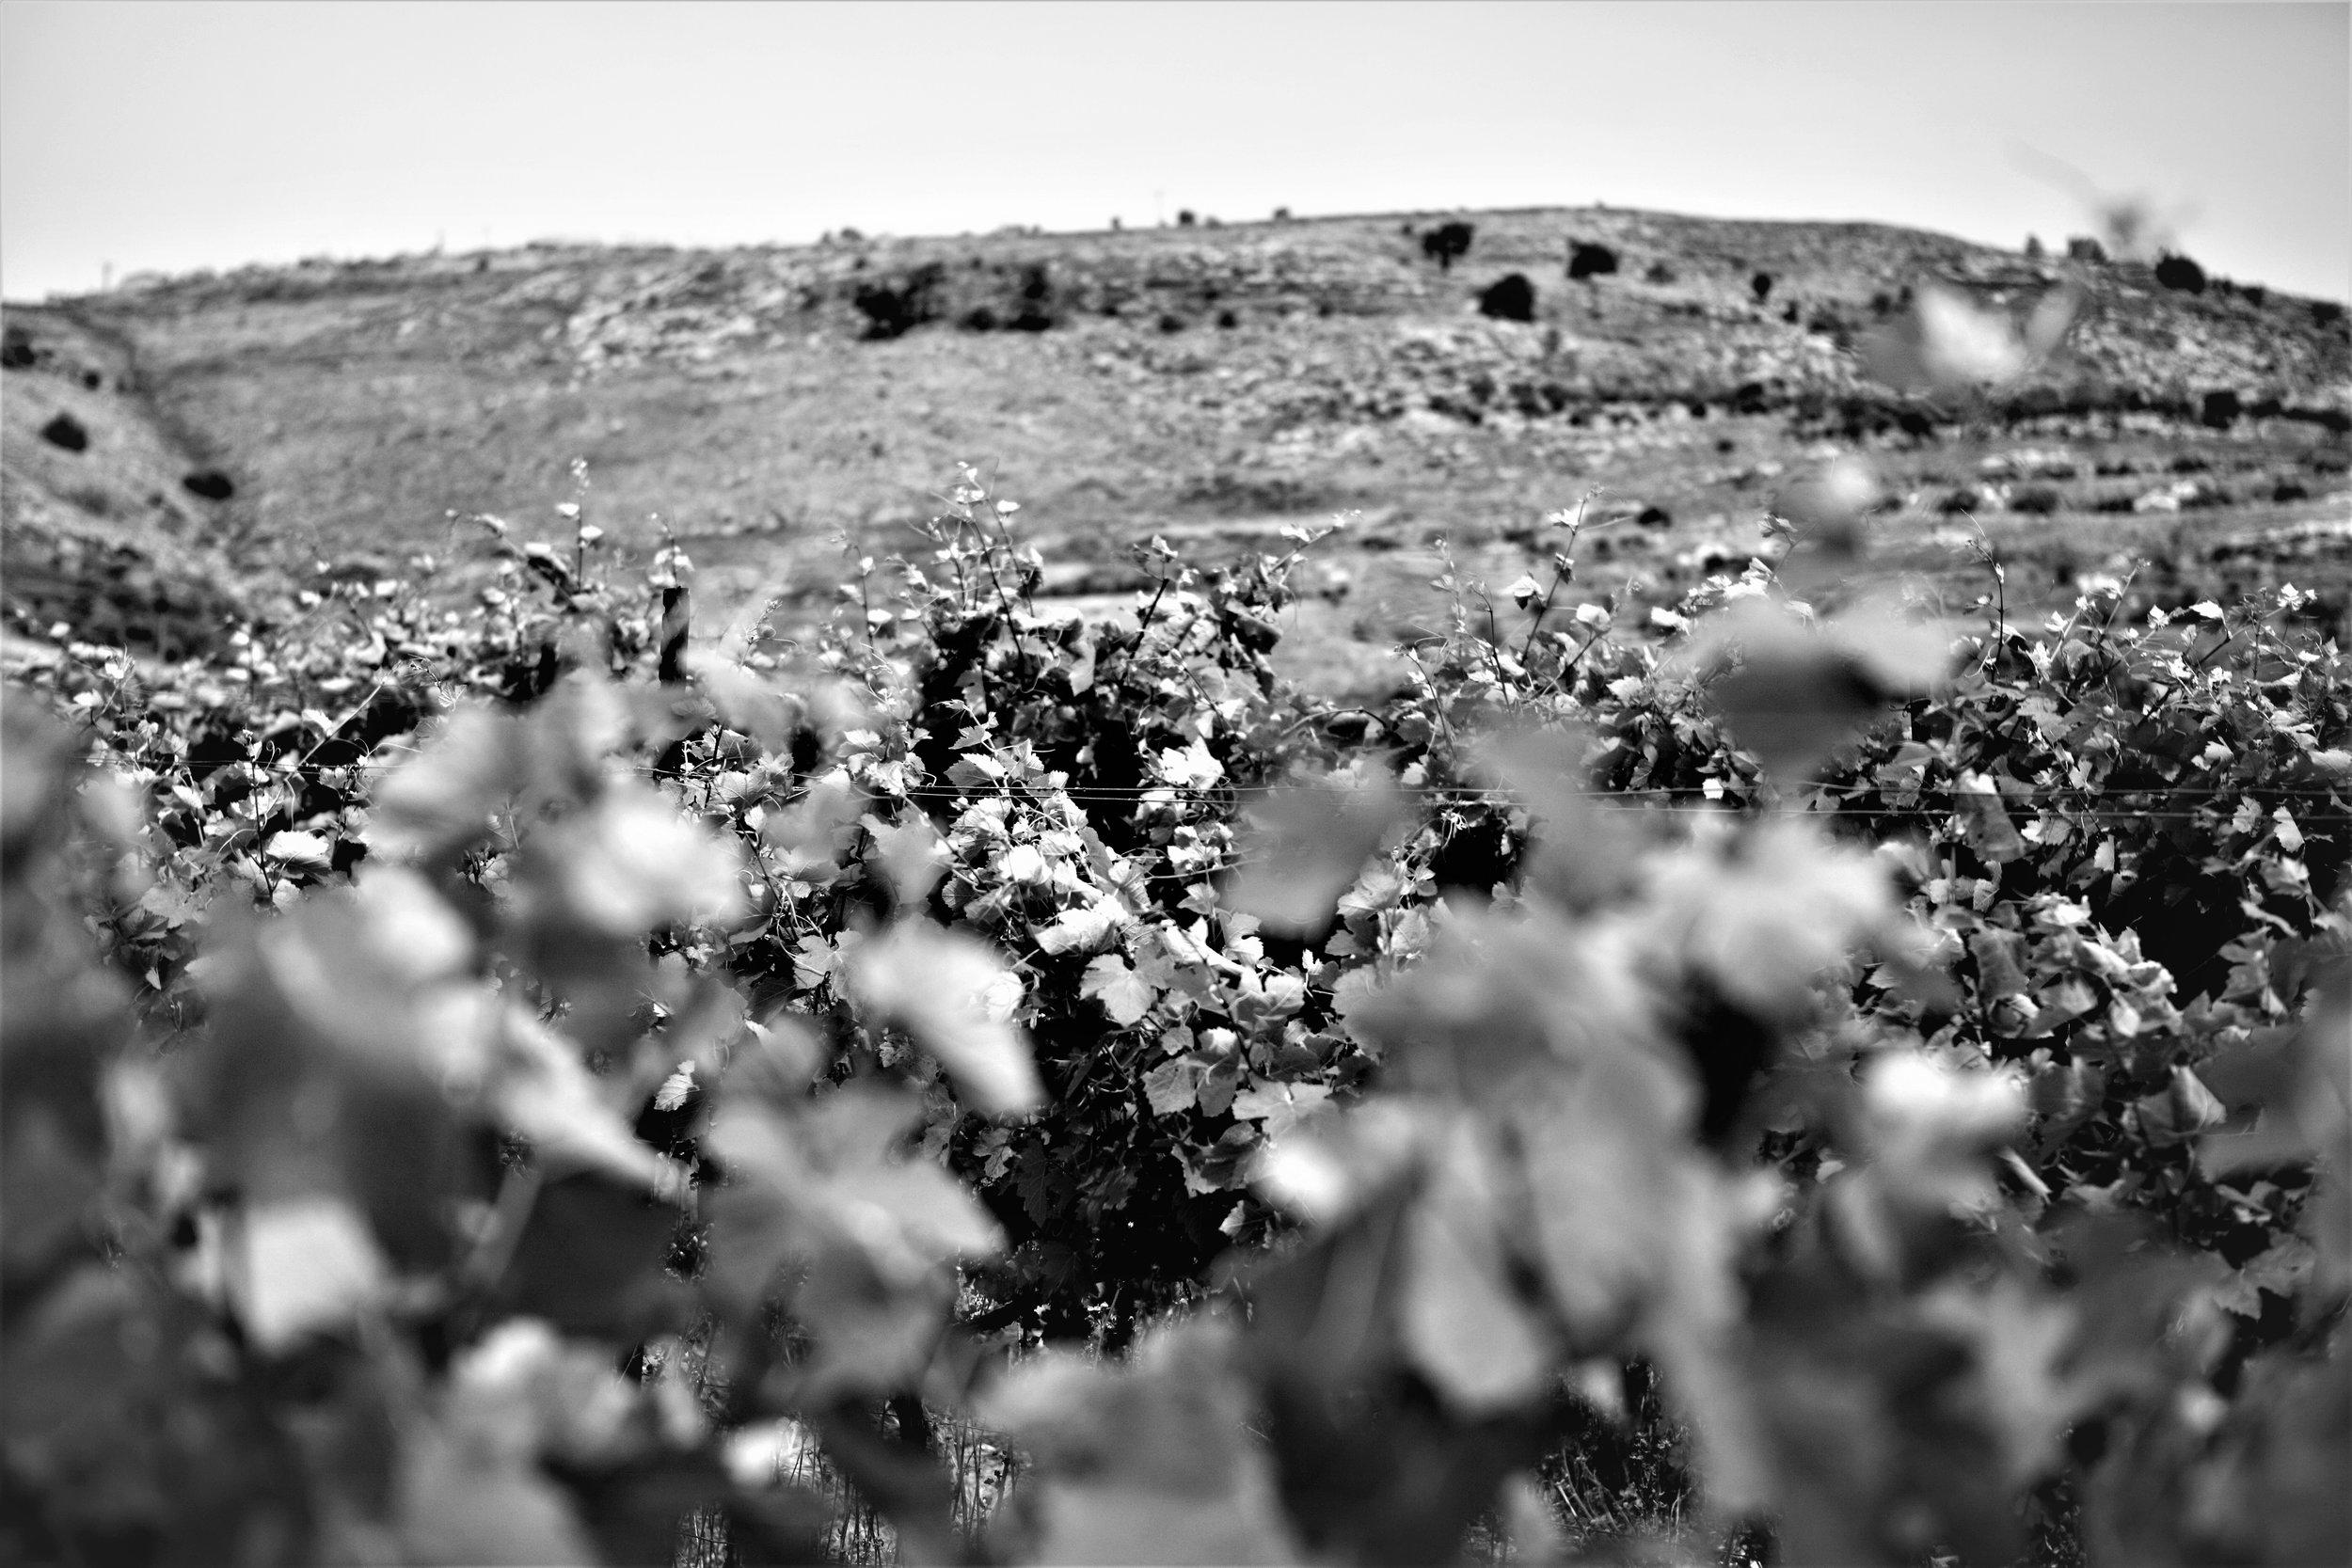 Moshe Kimches Trauben wachsen unweit der Stadt Nablus auf einem einem eingezäunten Feld.